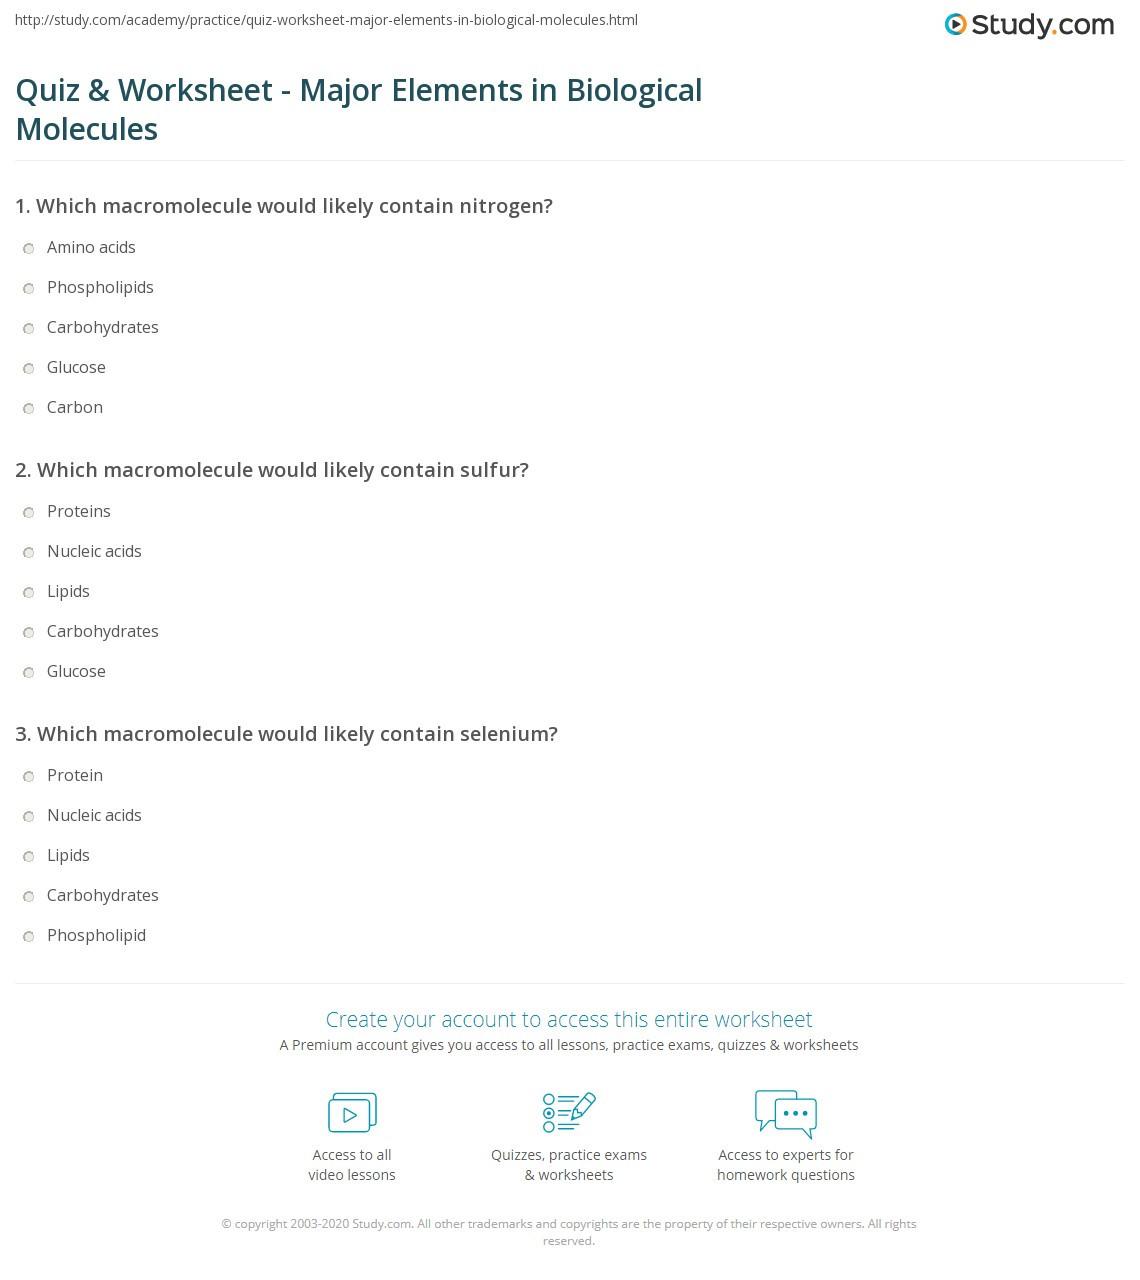 30 Building Macromolecules Worksheet Answers